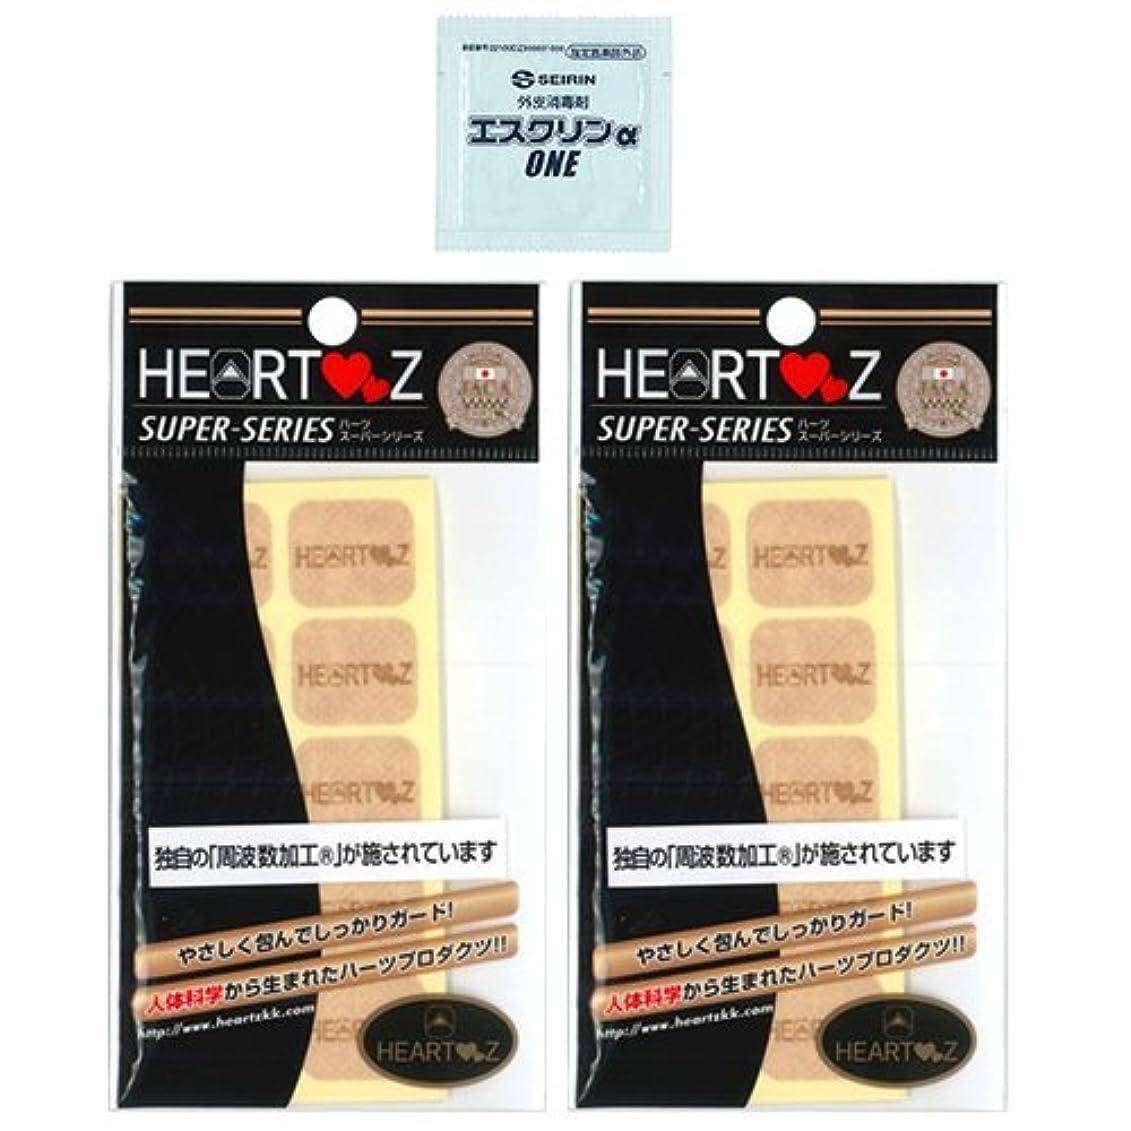 従順豚肉例【HEARTZ(ハーツ)】ハーツスーパーシール レギュラータイプ 80枚入×2個セット (計160枚) + エスクリンαONEx1個 セット